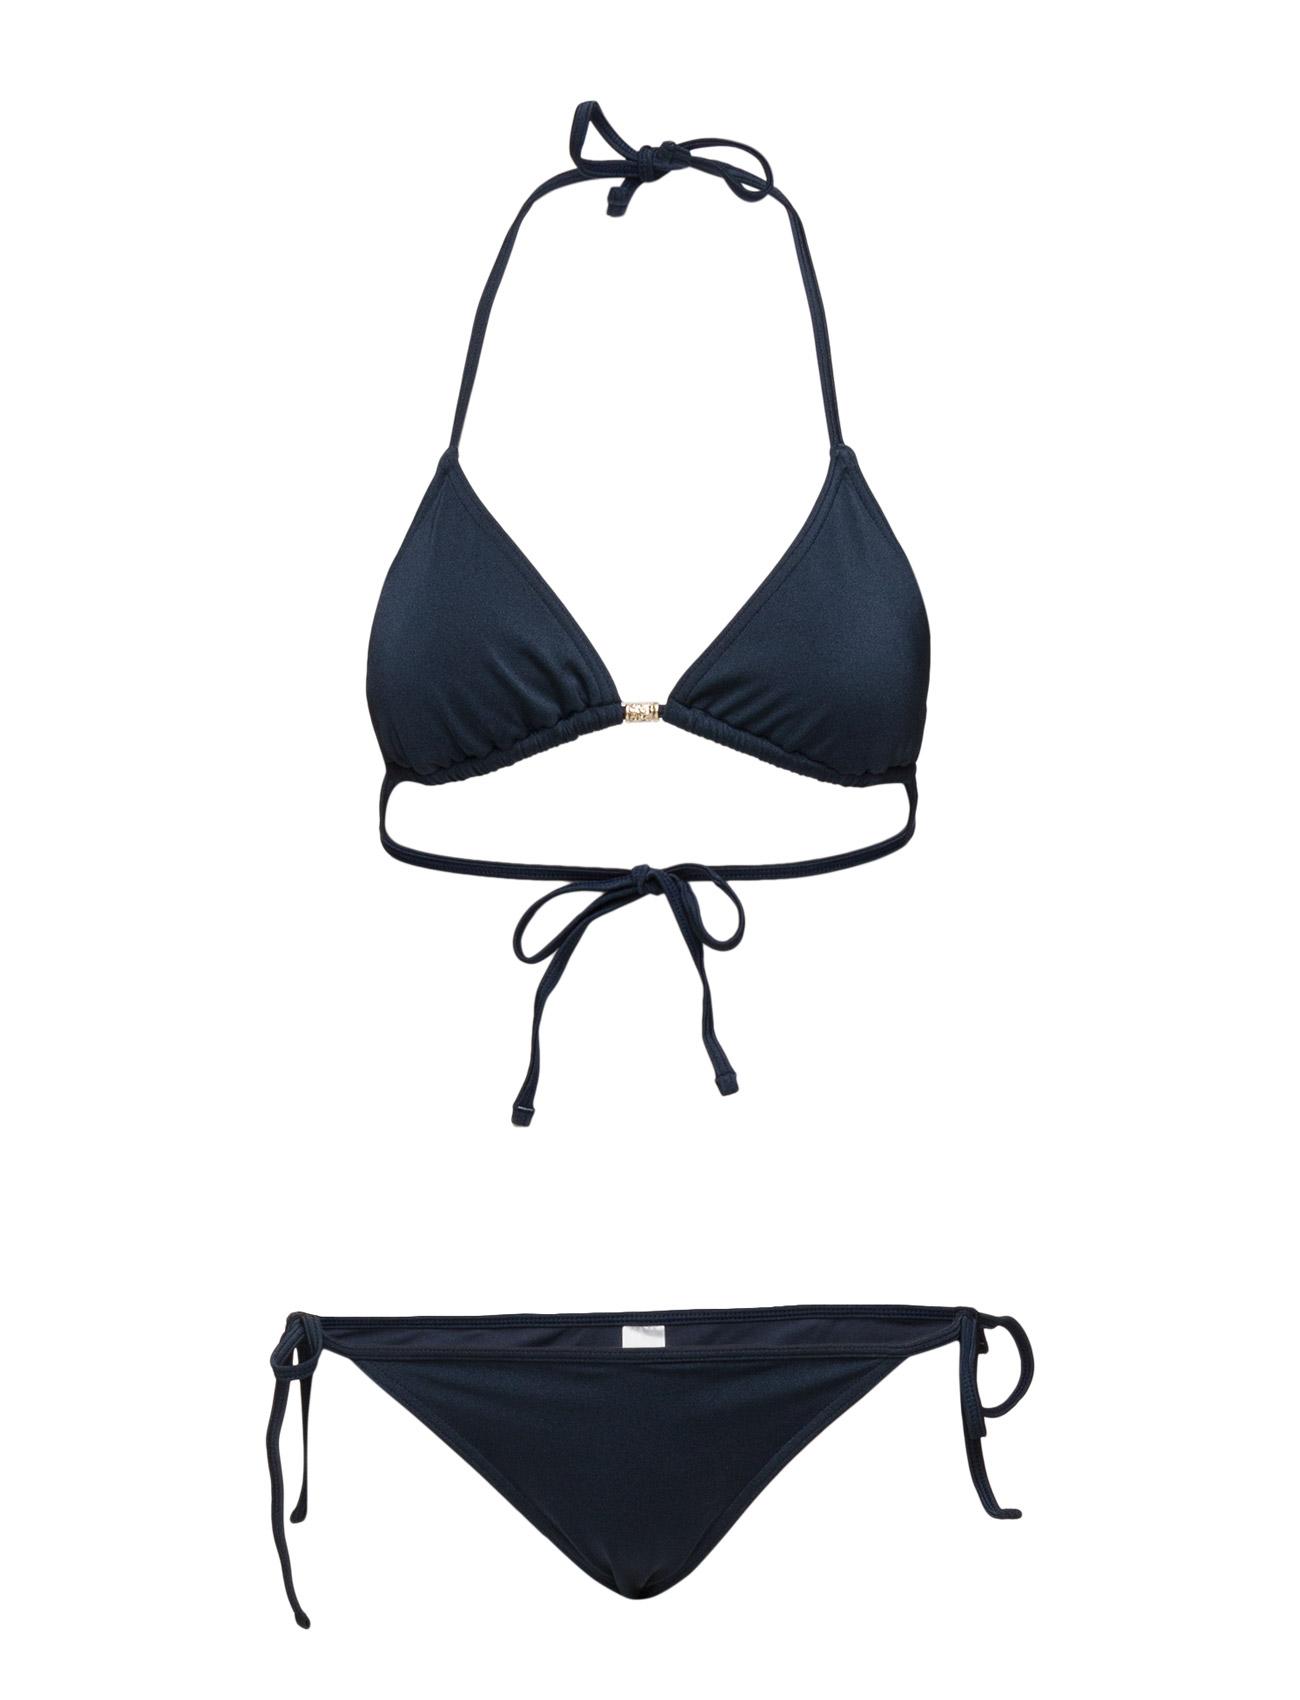 Sunny Ss16 Solid Line of Oslo Bikinier til Damer i Blå